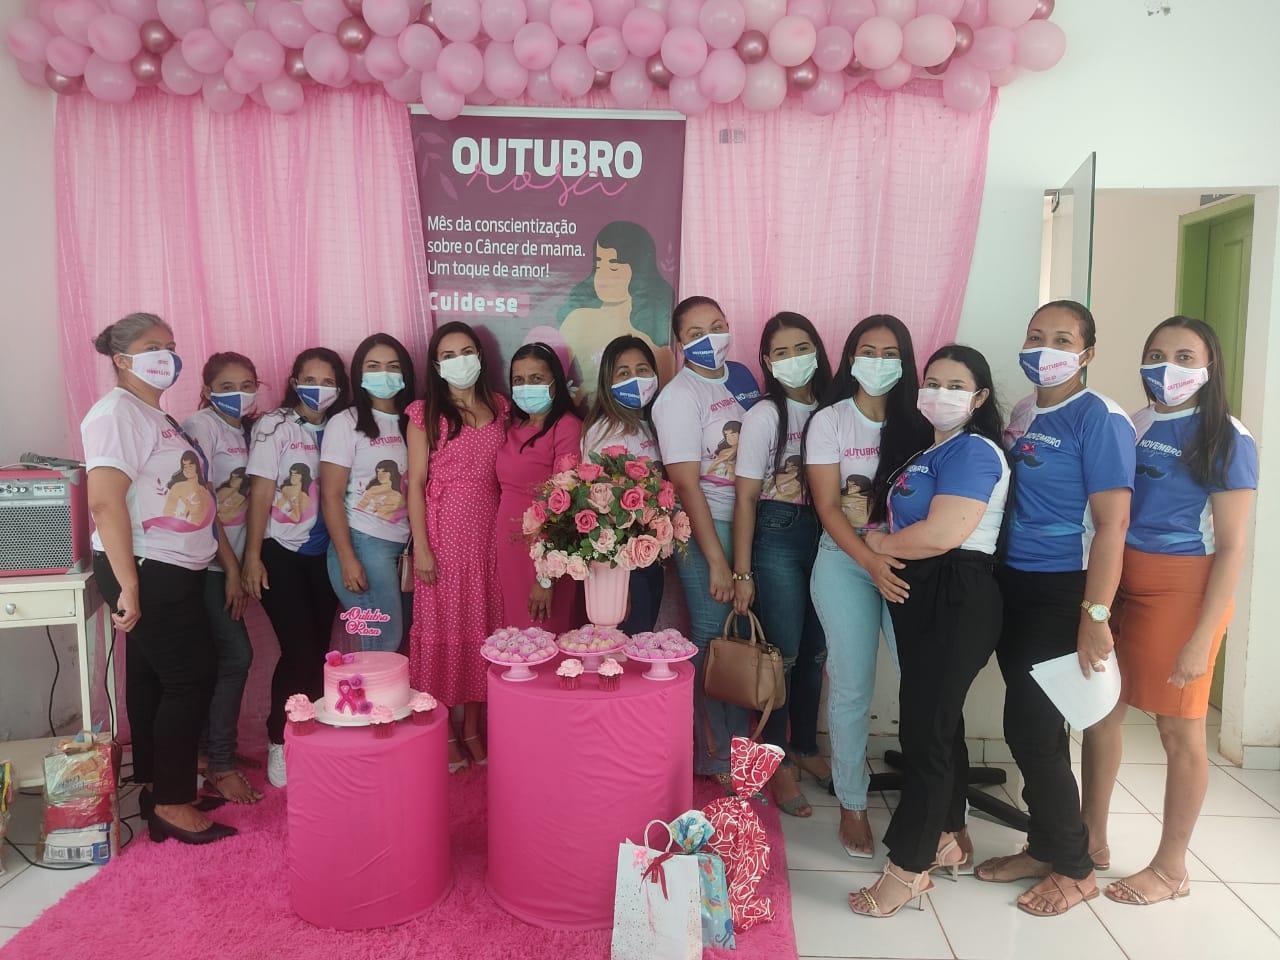 Secretaria de Saúde realiza ação referente ao Outubro Rosa.